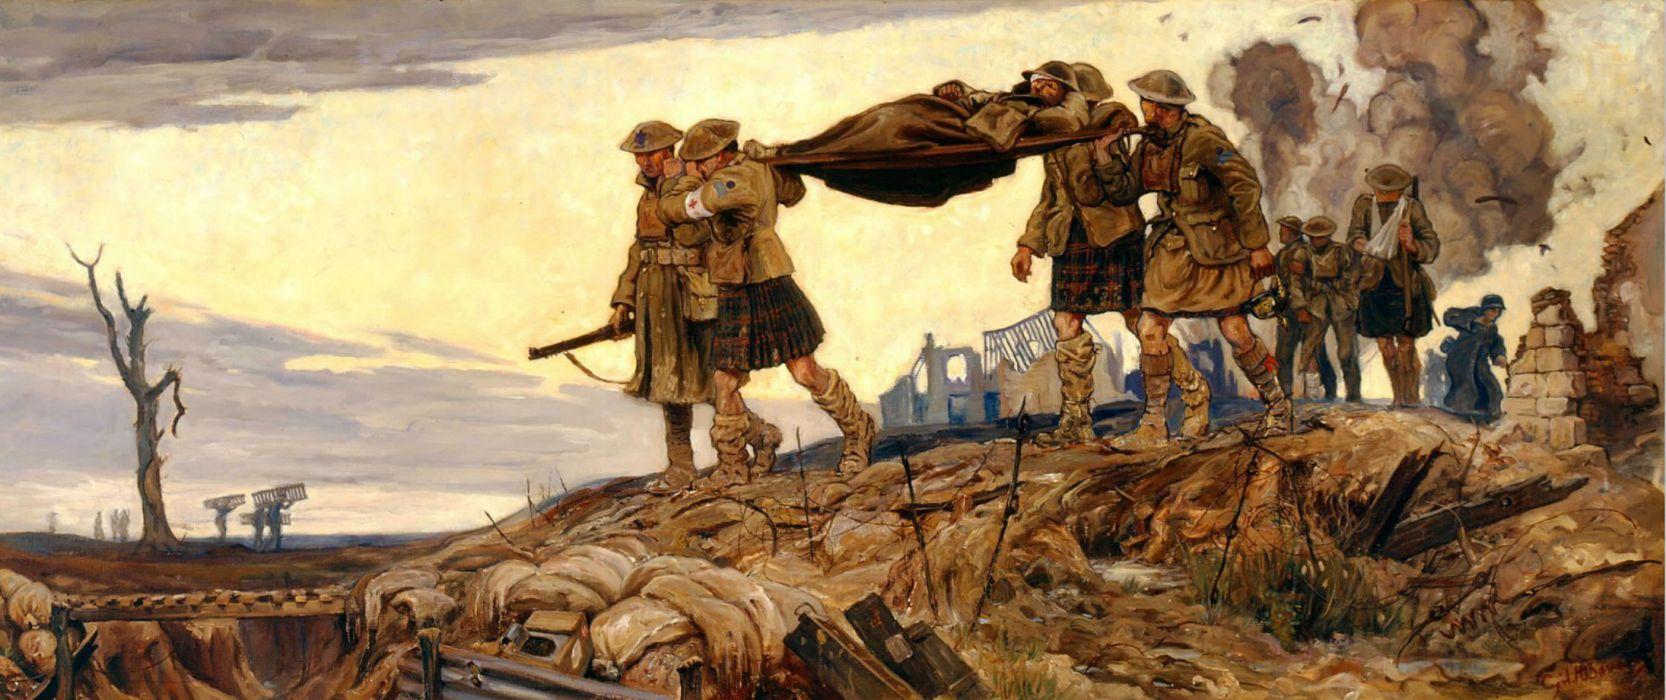 battle war military art painting wallpaper